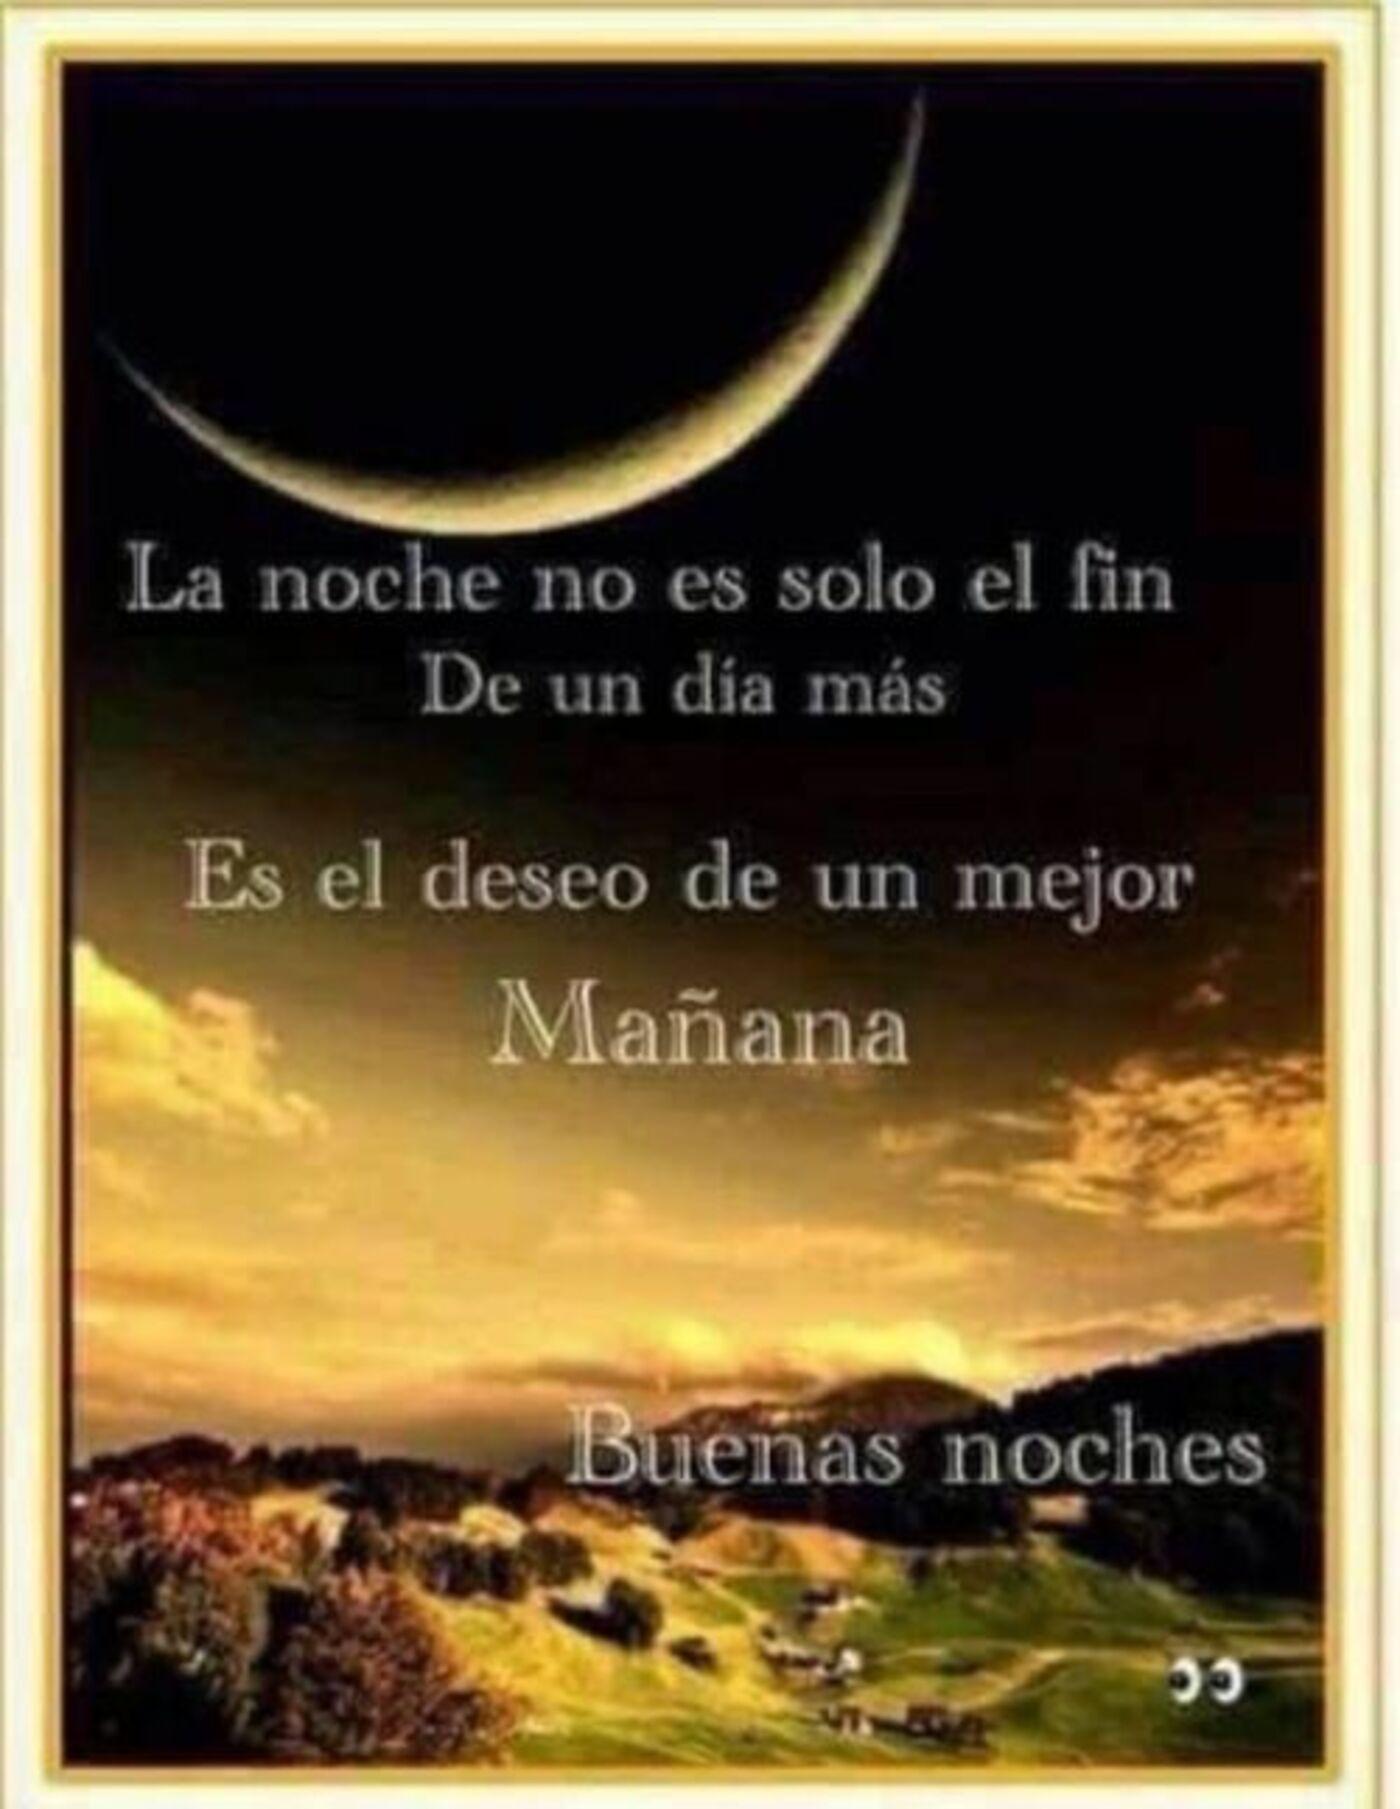 La noche no es sólo el fin de un día más es el deseo de un mejor Mañana...Buenas Noches